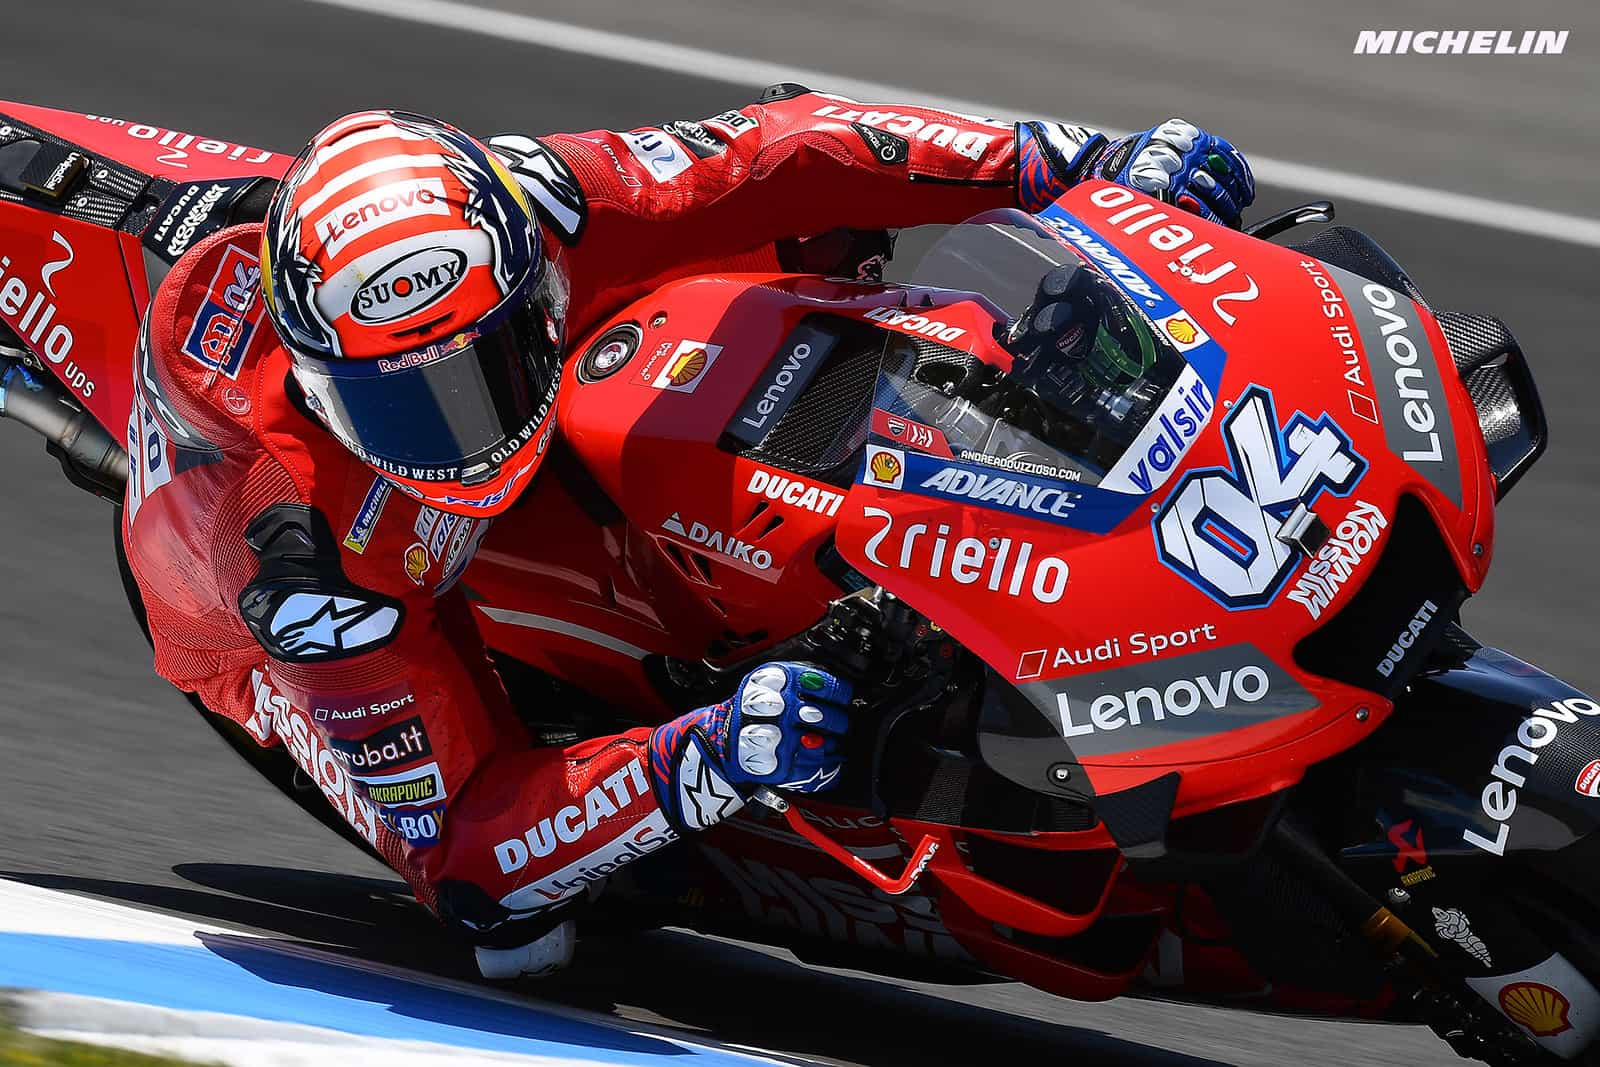 MotoGP2019ヘレスGP 予選4位ドヴィツィオーゾ「天候が大きな役割を果たす」